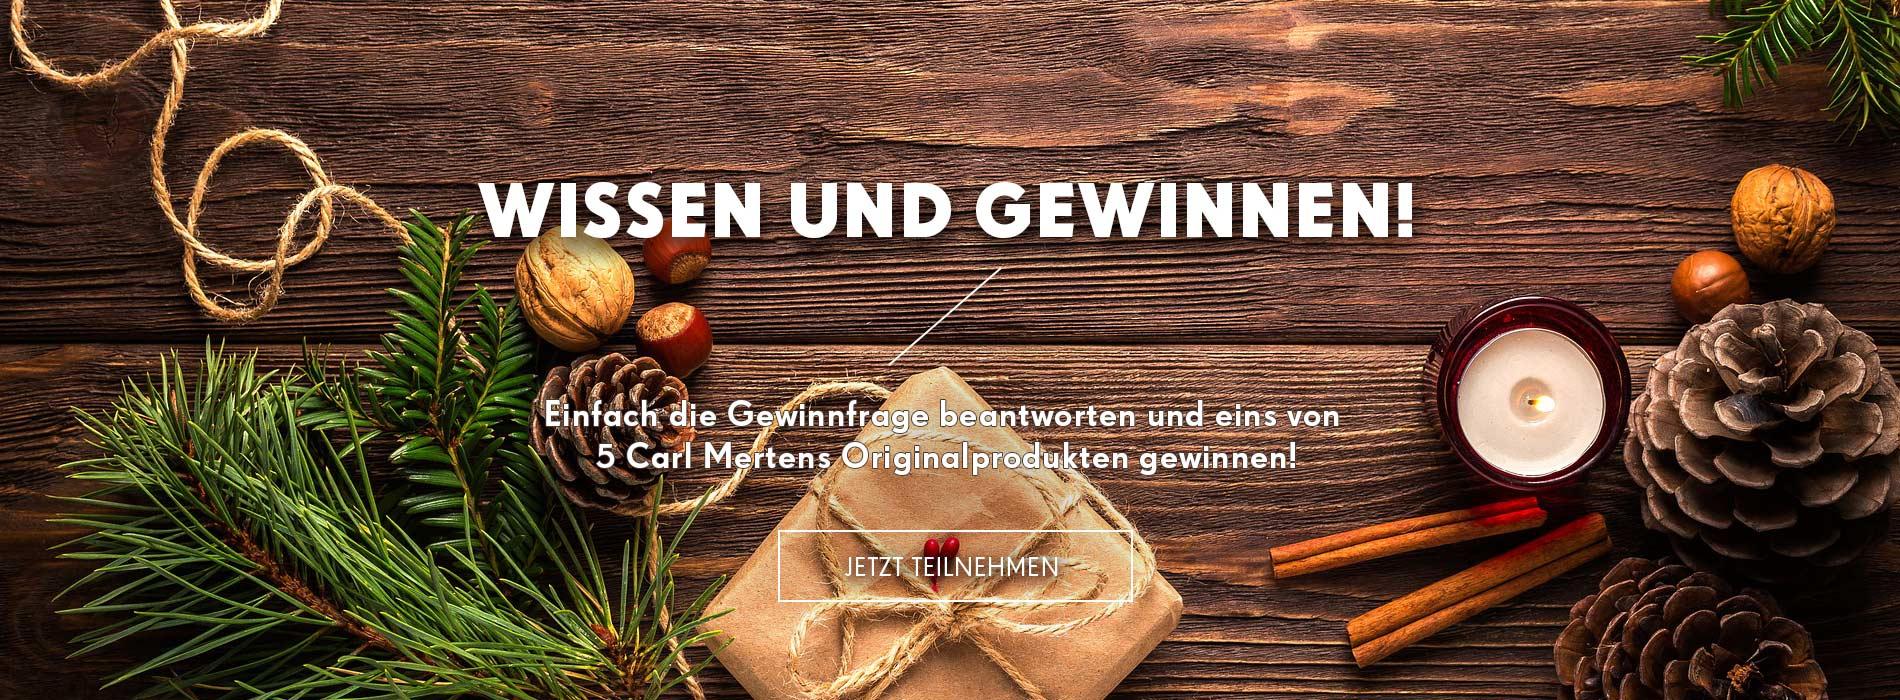 Carl Mertens Gewinnspiel Weihnachten - 5 Preise zu gewinnen!